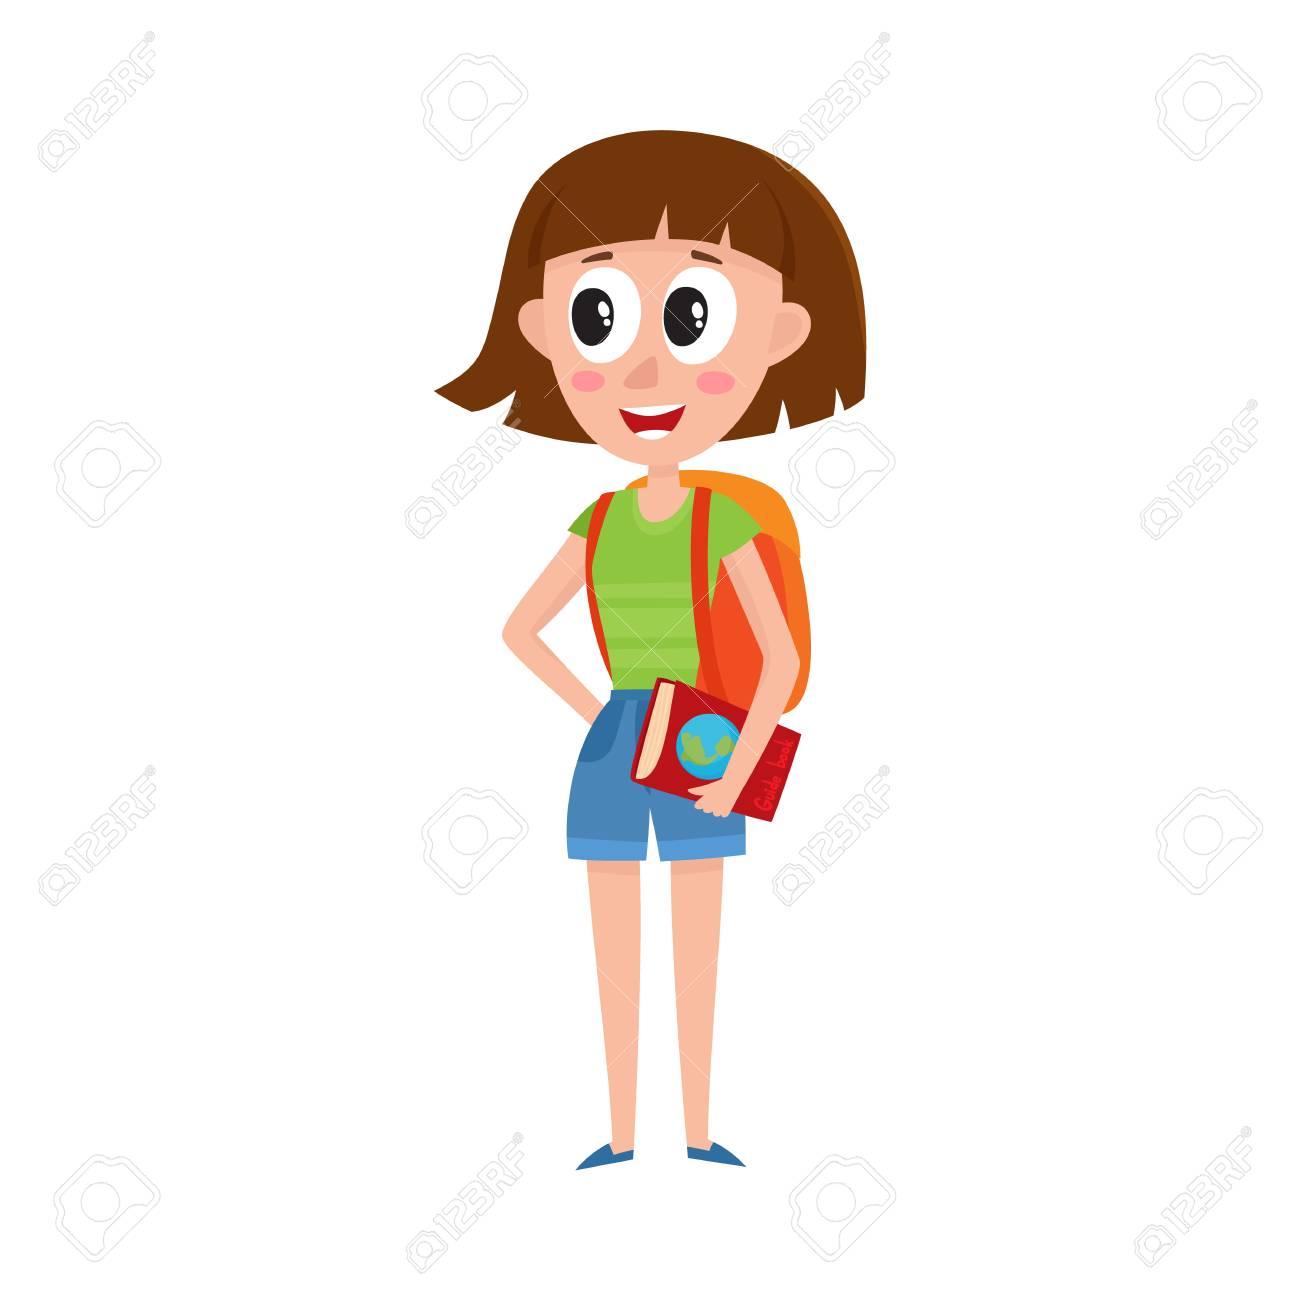 Mujer hermosa joven con bolsas de compras, ilustración vectorial de dibujos animados aislado sobre fondo blanco. Retrato de longitud completa de niña